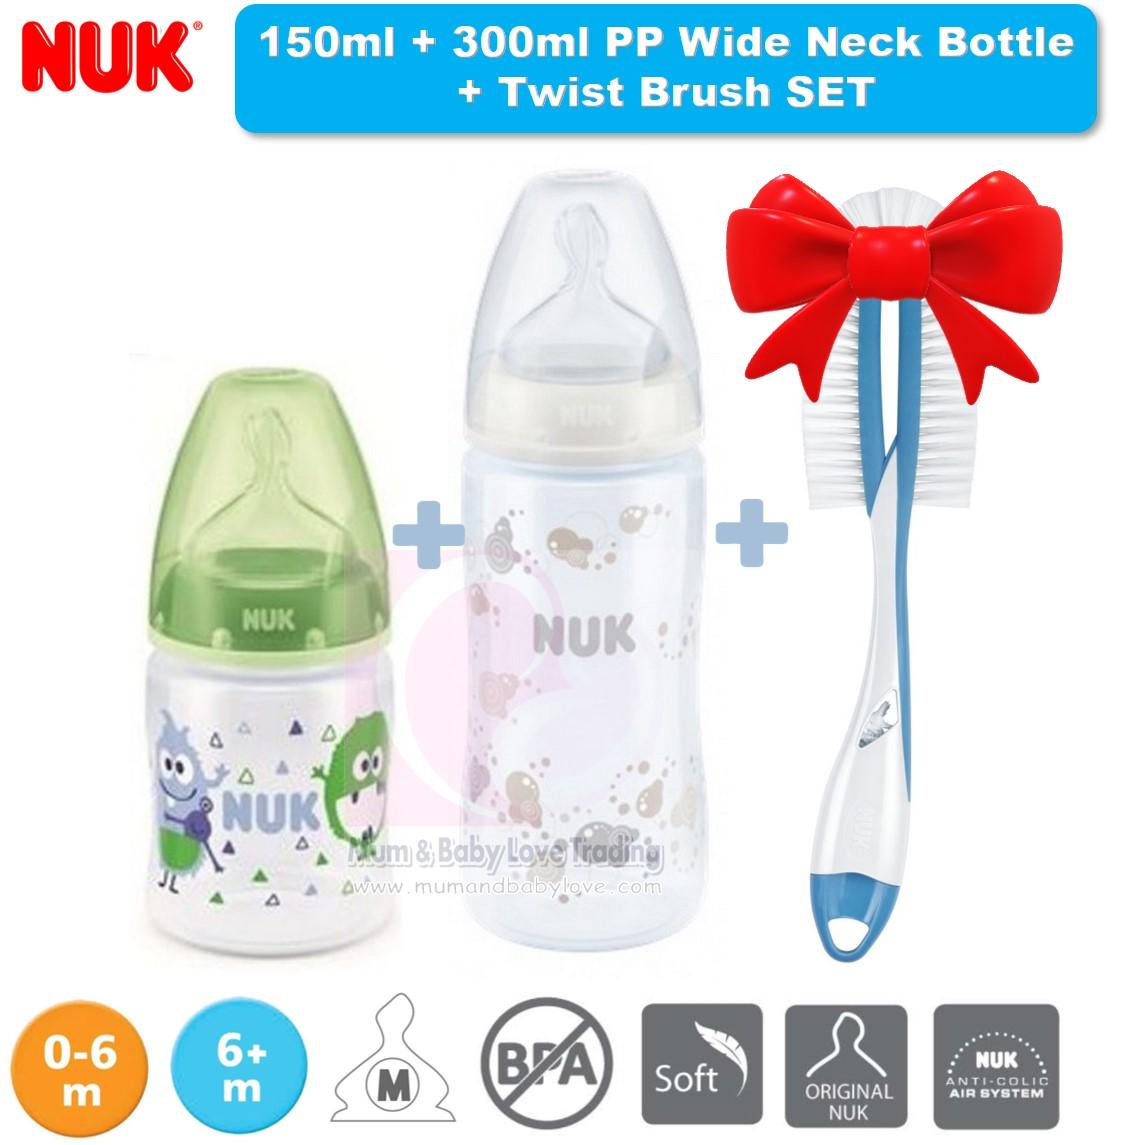 Nuk Pp 150ml 300ml Wide Neck Feeding Bottle Twist